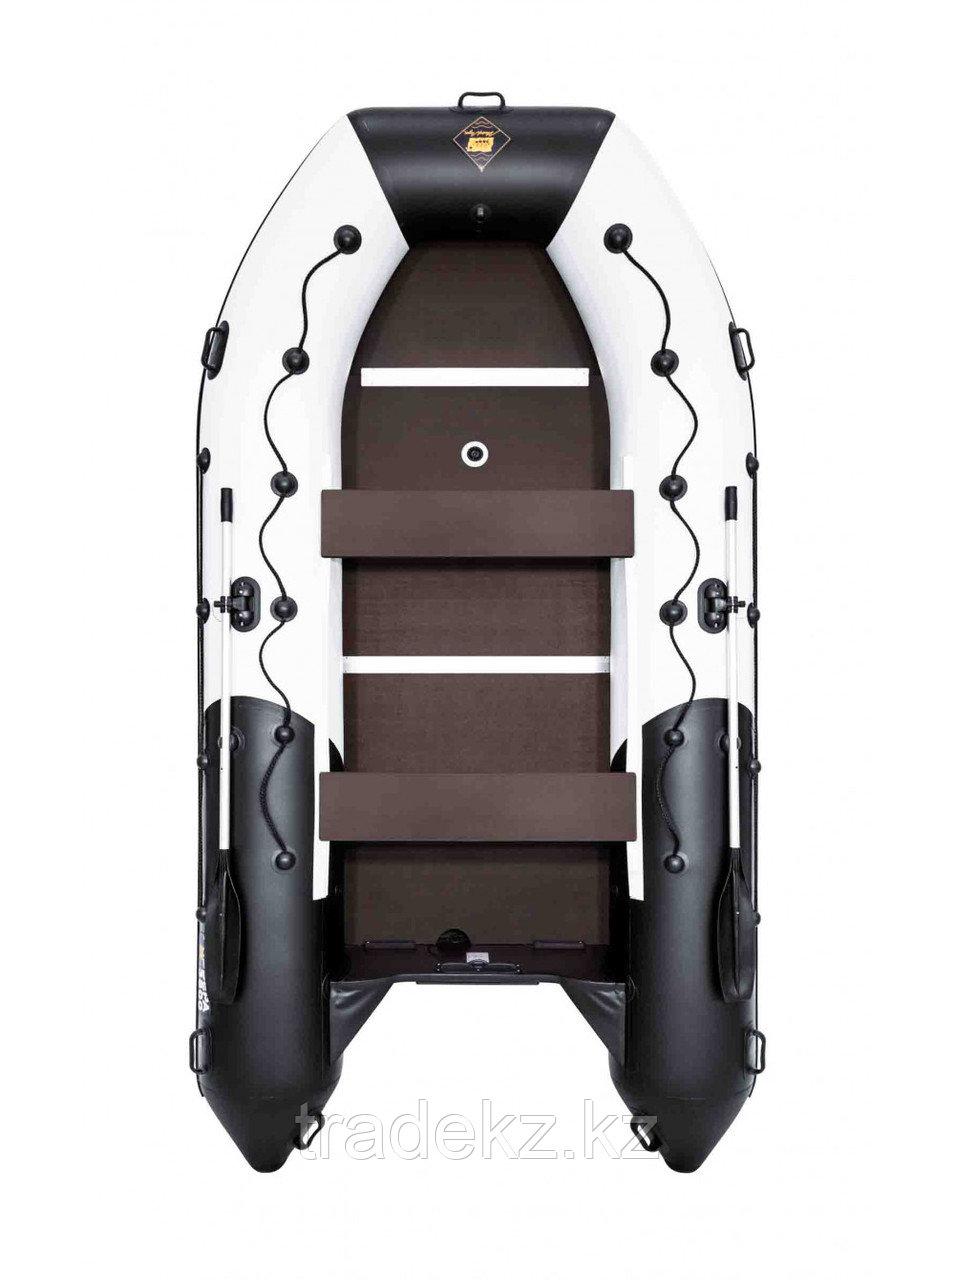 Лодка ПВХ Ривьера Максима 3800 СК комби светло-серый/черный